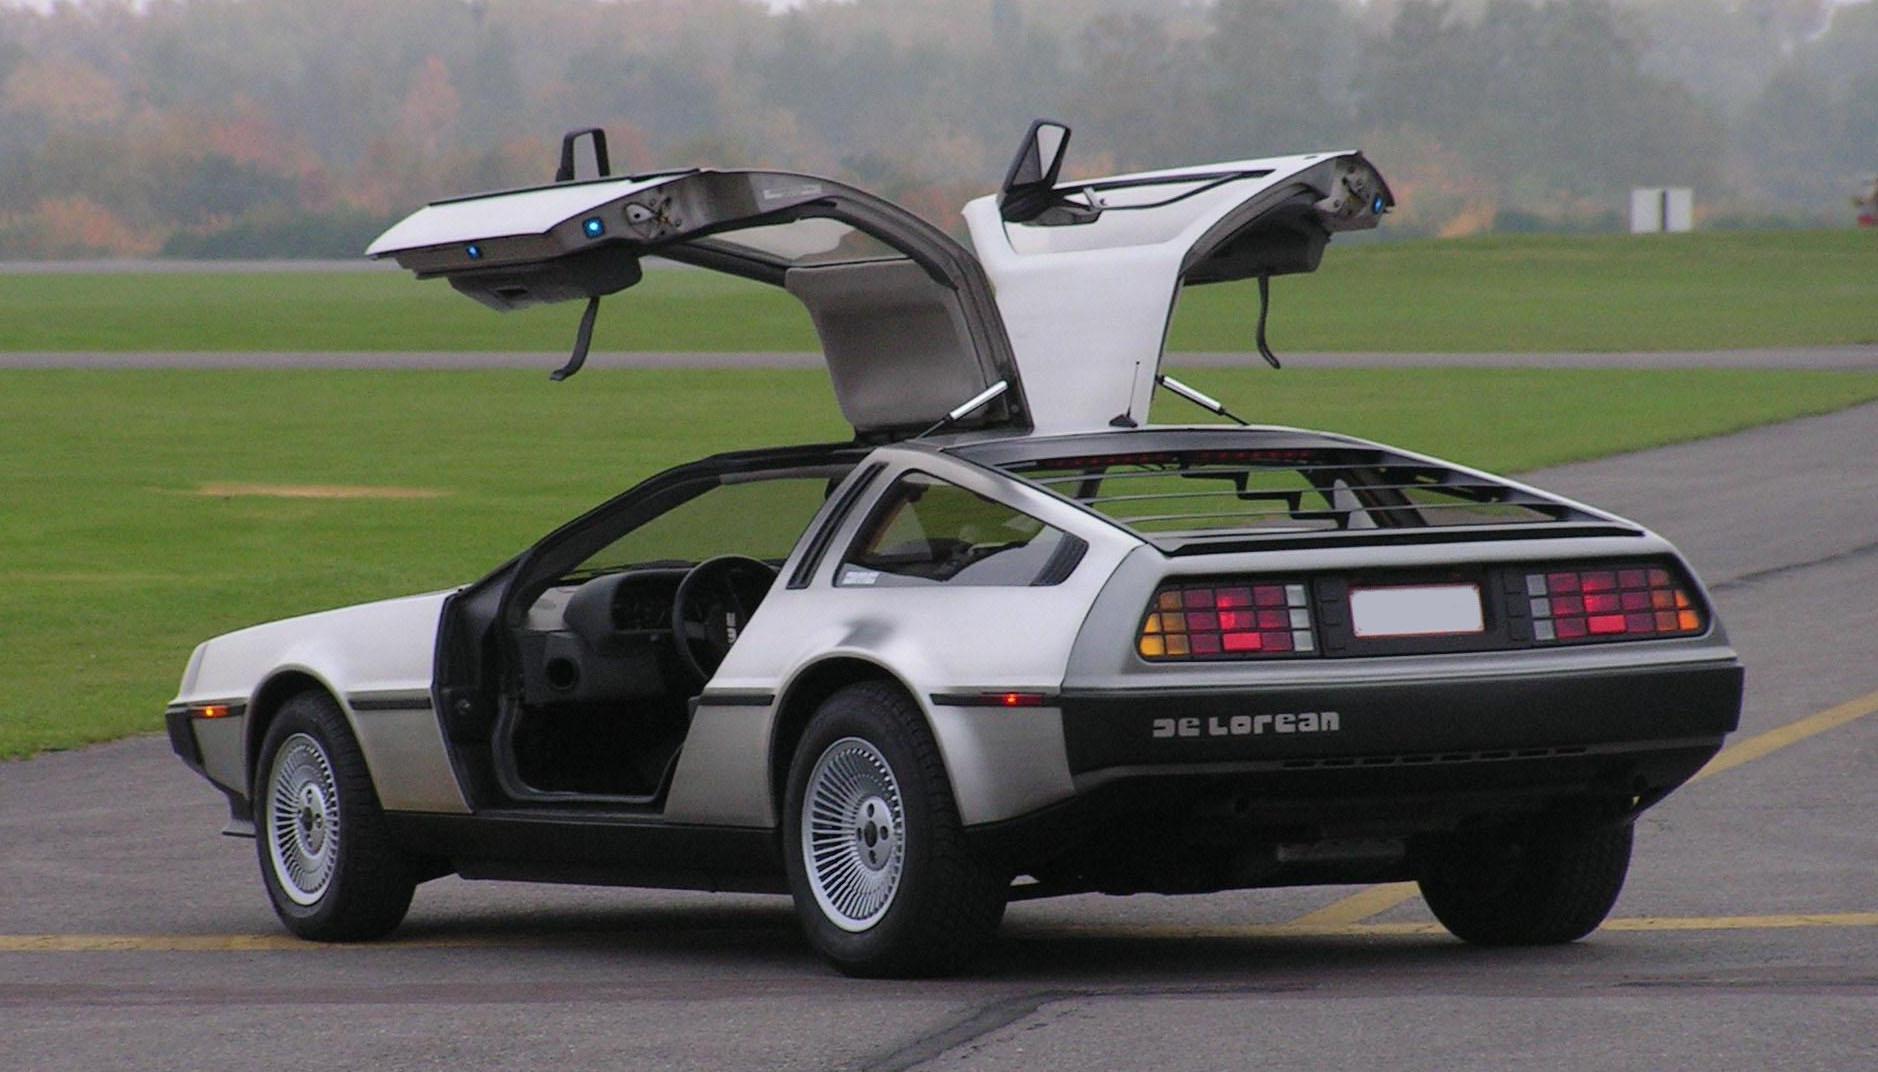 Delorean Sports Car For Sale